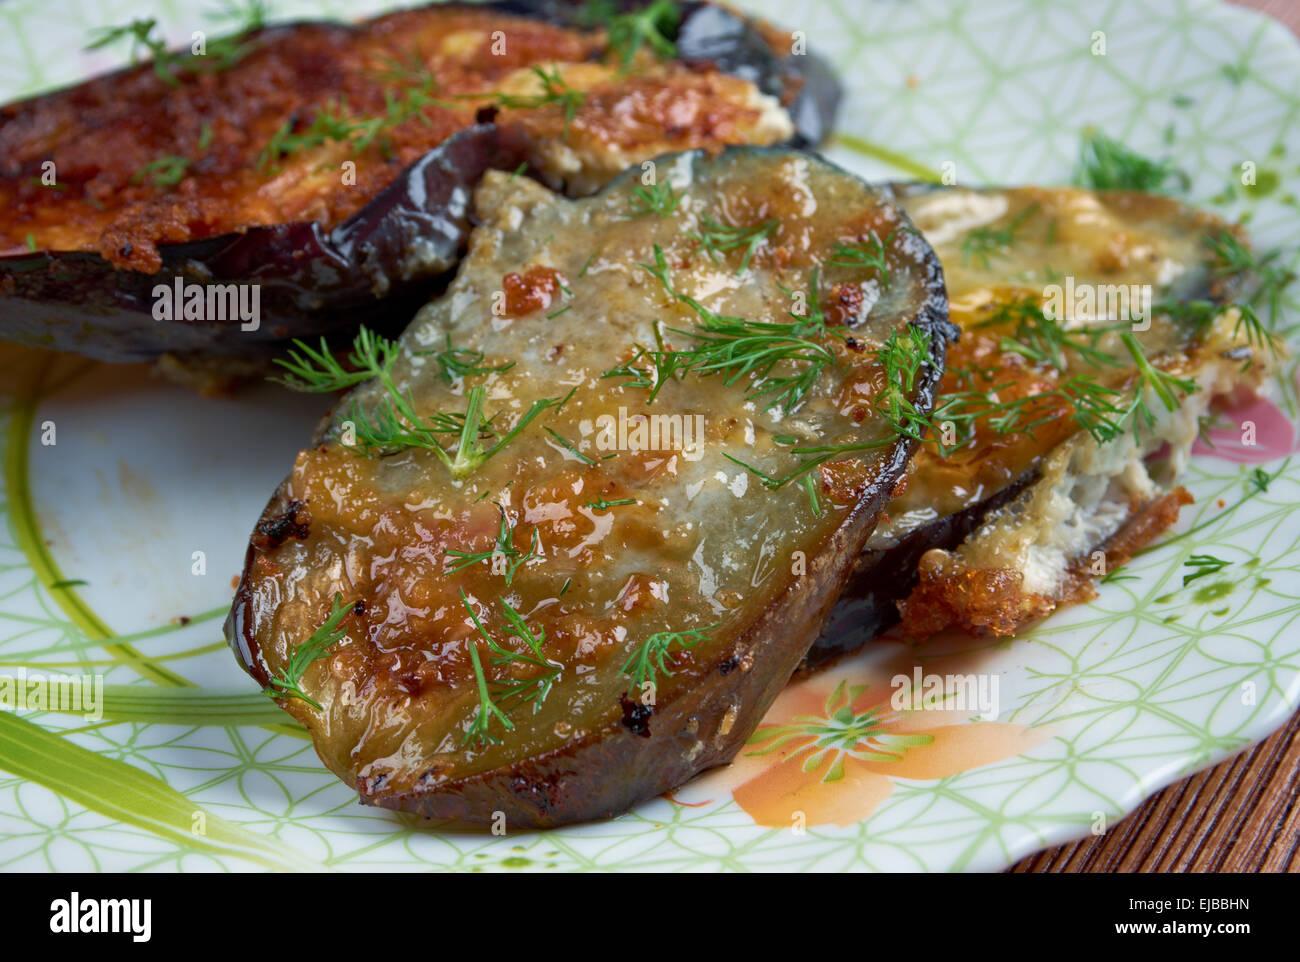 cotolette di melanzane  - Italian appetizer with eggplant - Stock Image